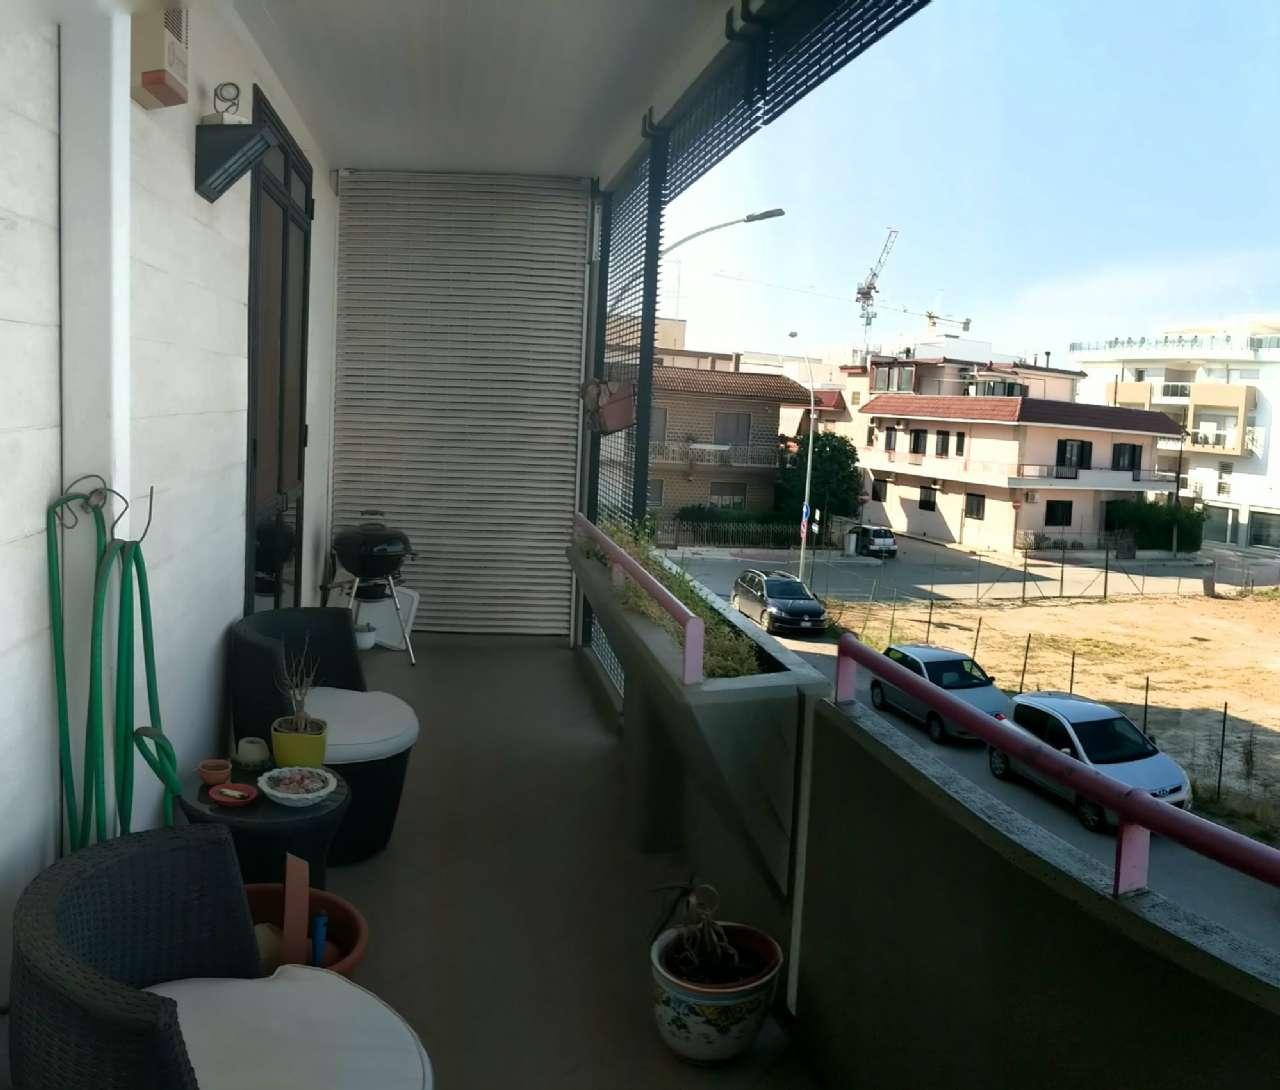 Trilocale ottimamente rifinito, con ampi balconi e posto auto in box condiviso, foto 13